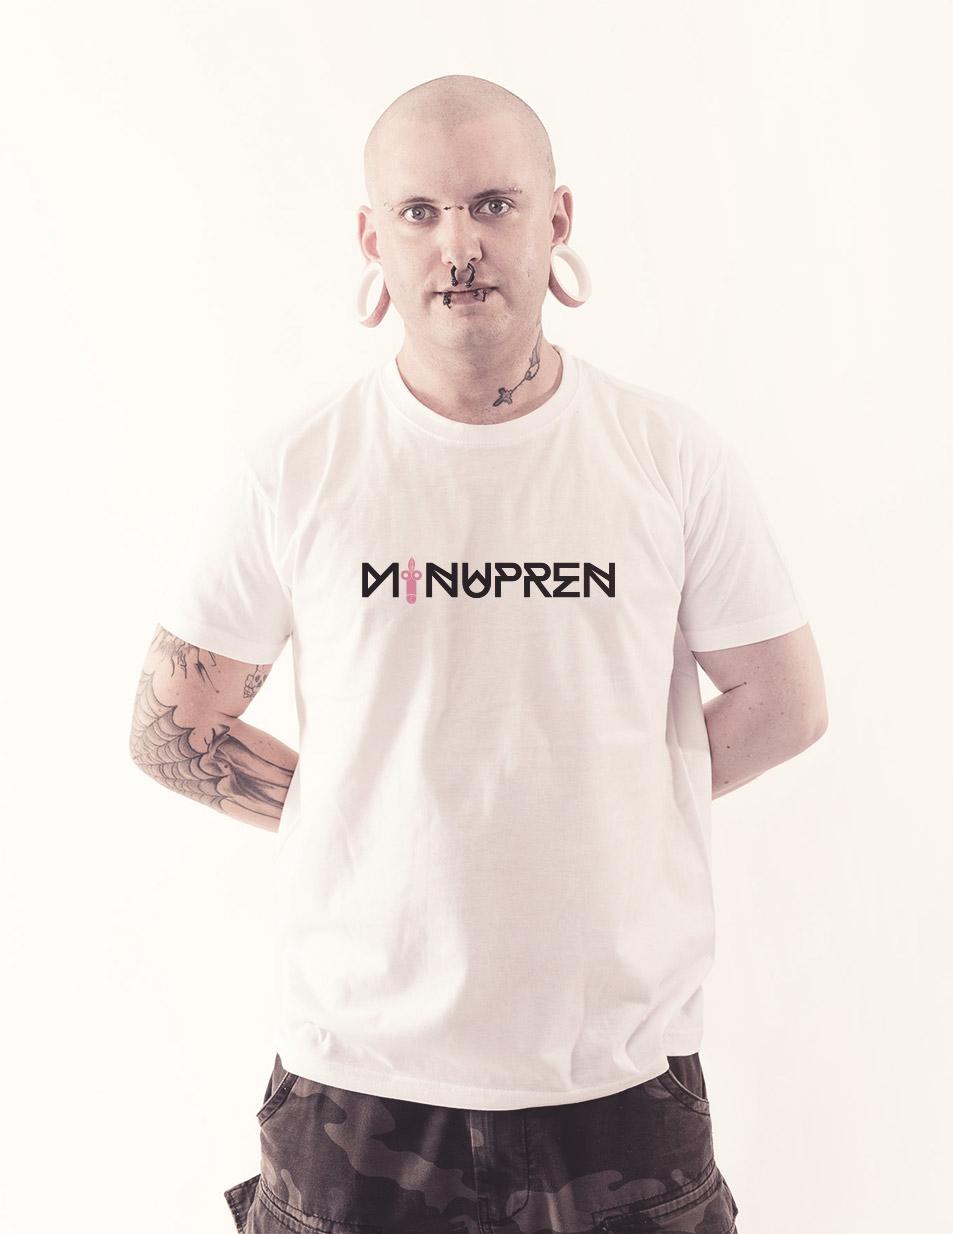 Minupren Shirt mehrfarbig auf weiß